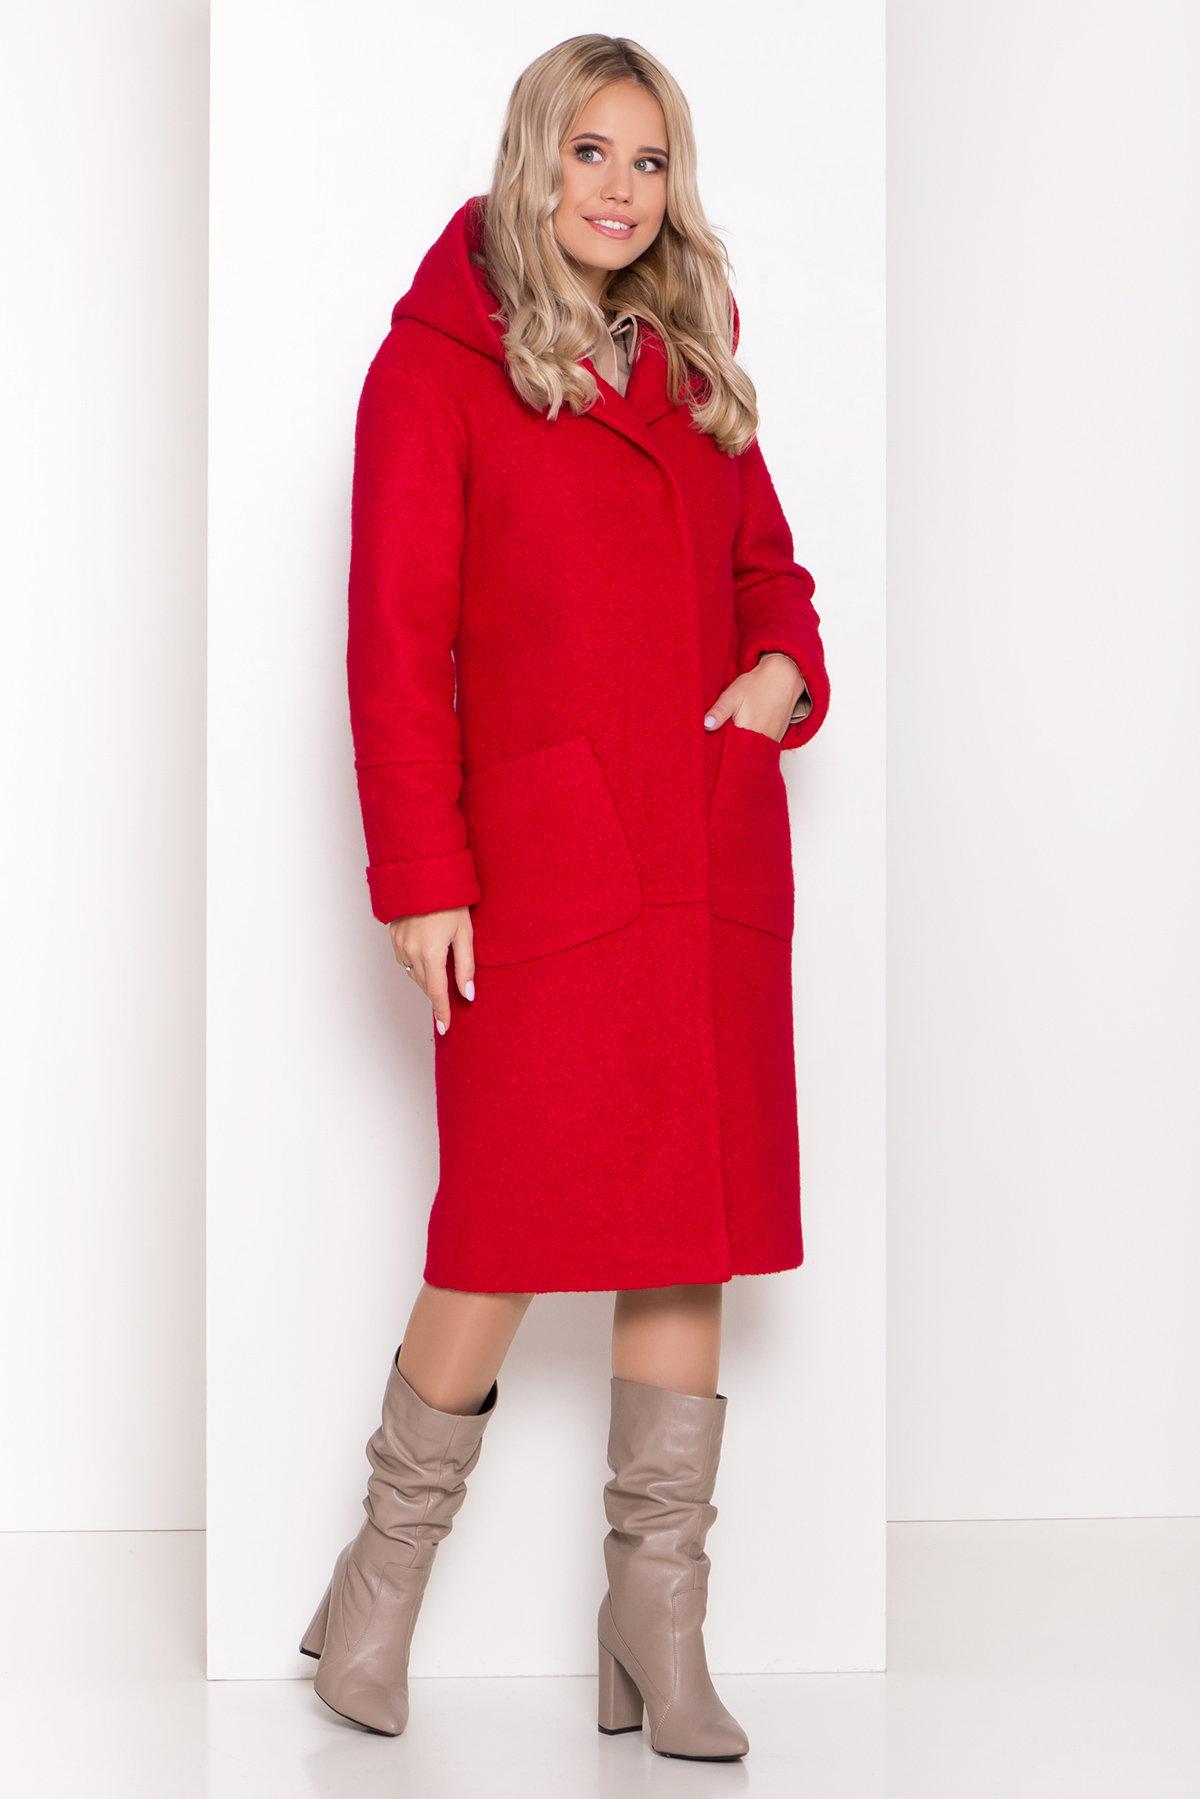 Пальто зима шерсть букле Анита 8320 АРТ. 44441 Цвет: Красный 1 - фото 2, интернет магазин tm-modus.ru